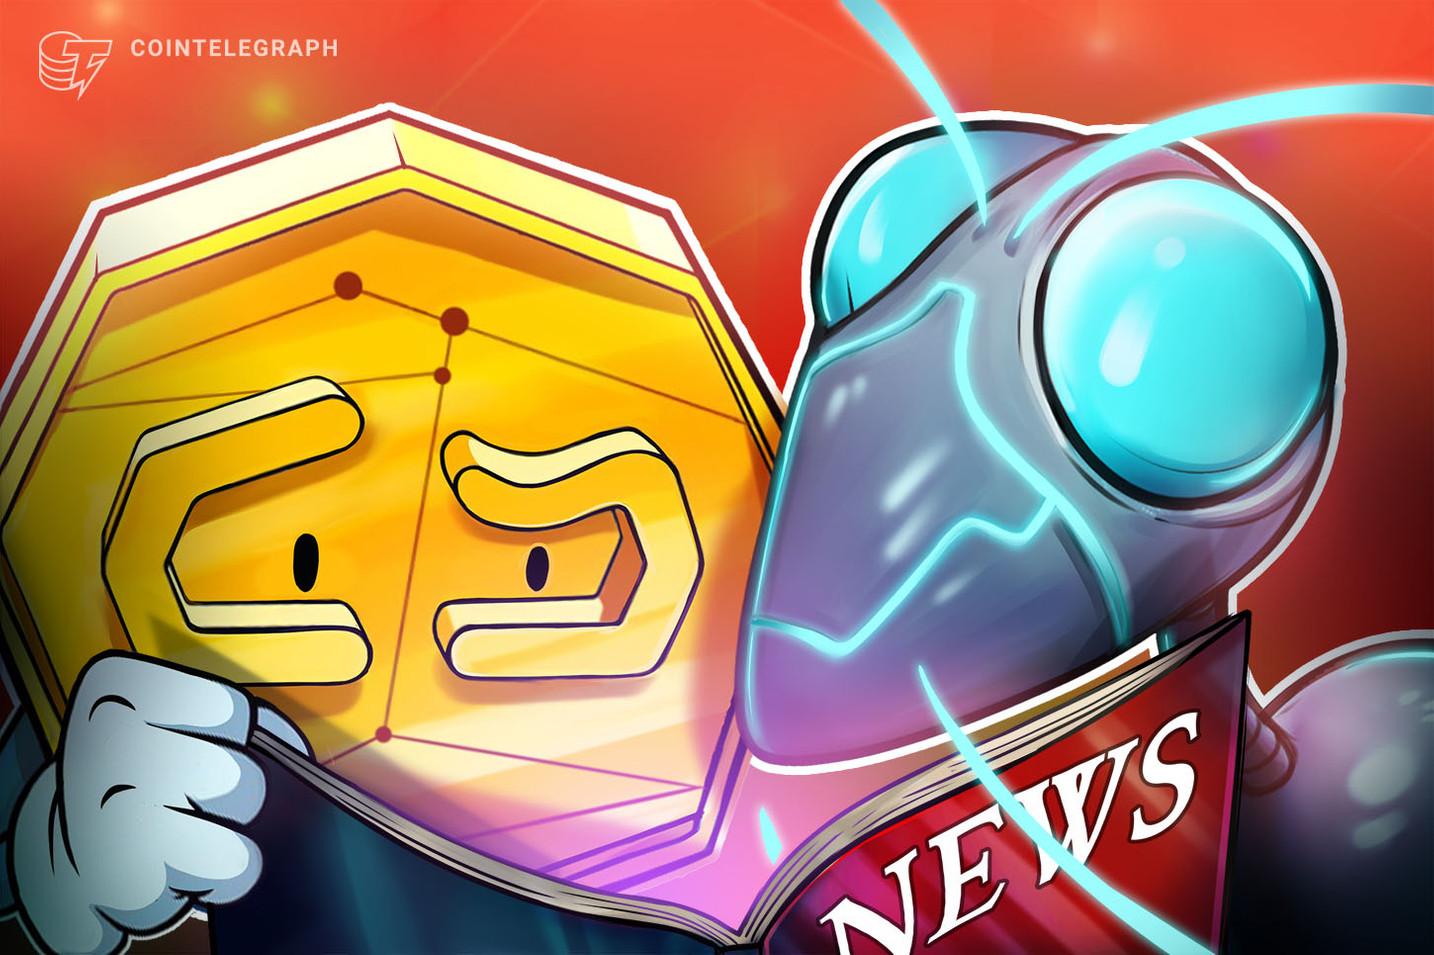 La fecha límite de MicroStrategy se vuelve más larga con los movimientos de Bitcoin: malas criptonoticias de la semana